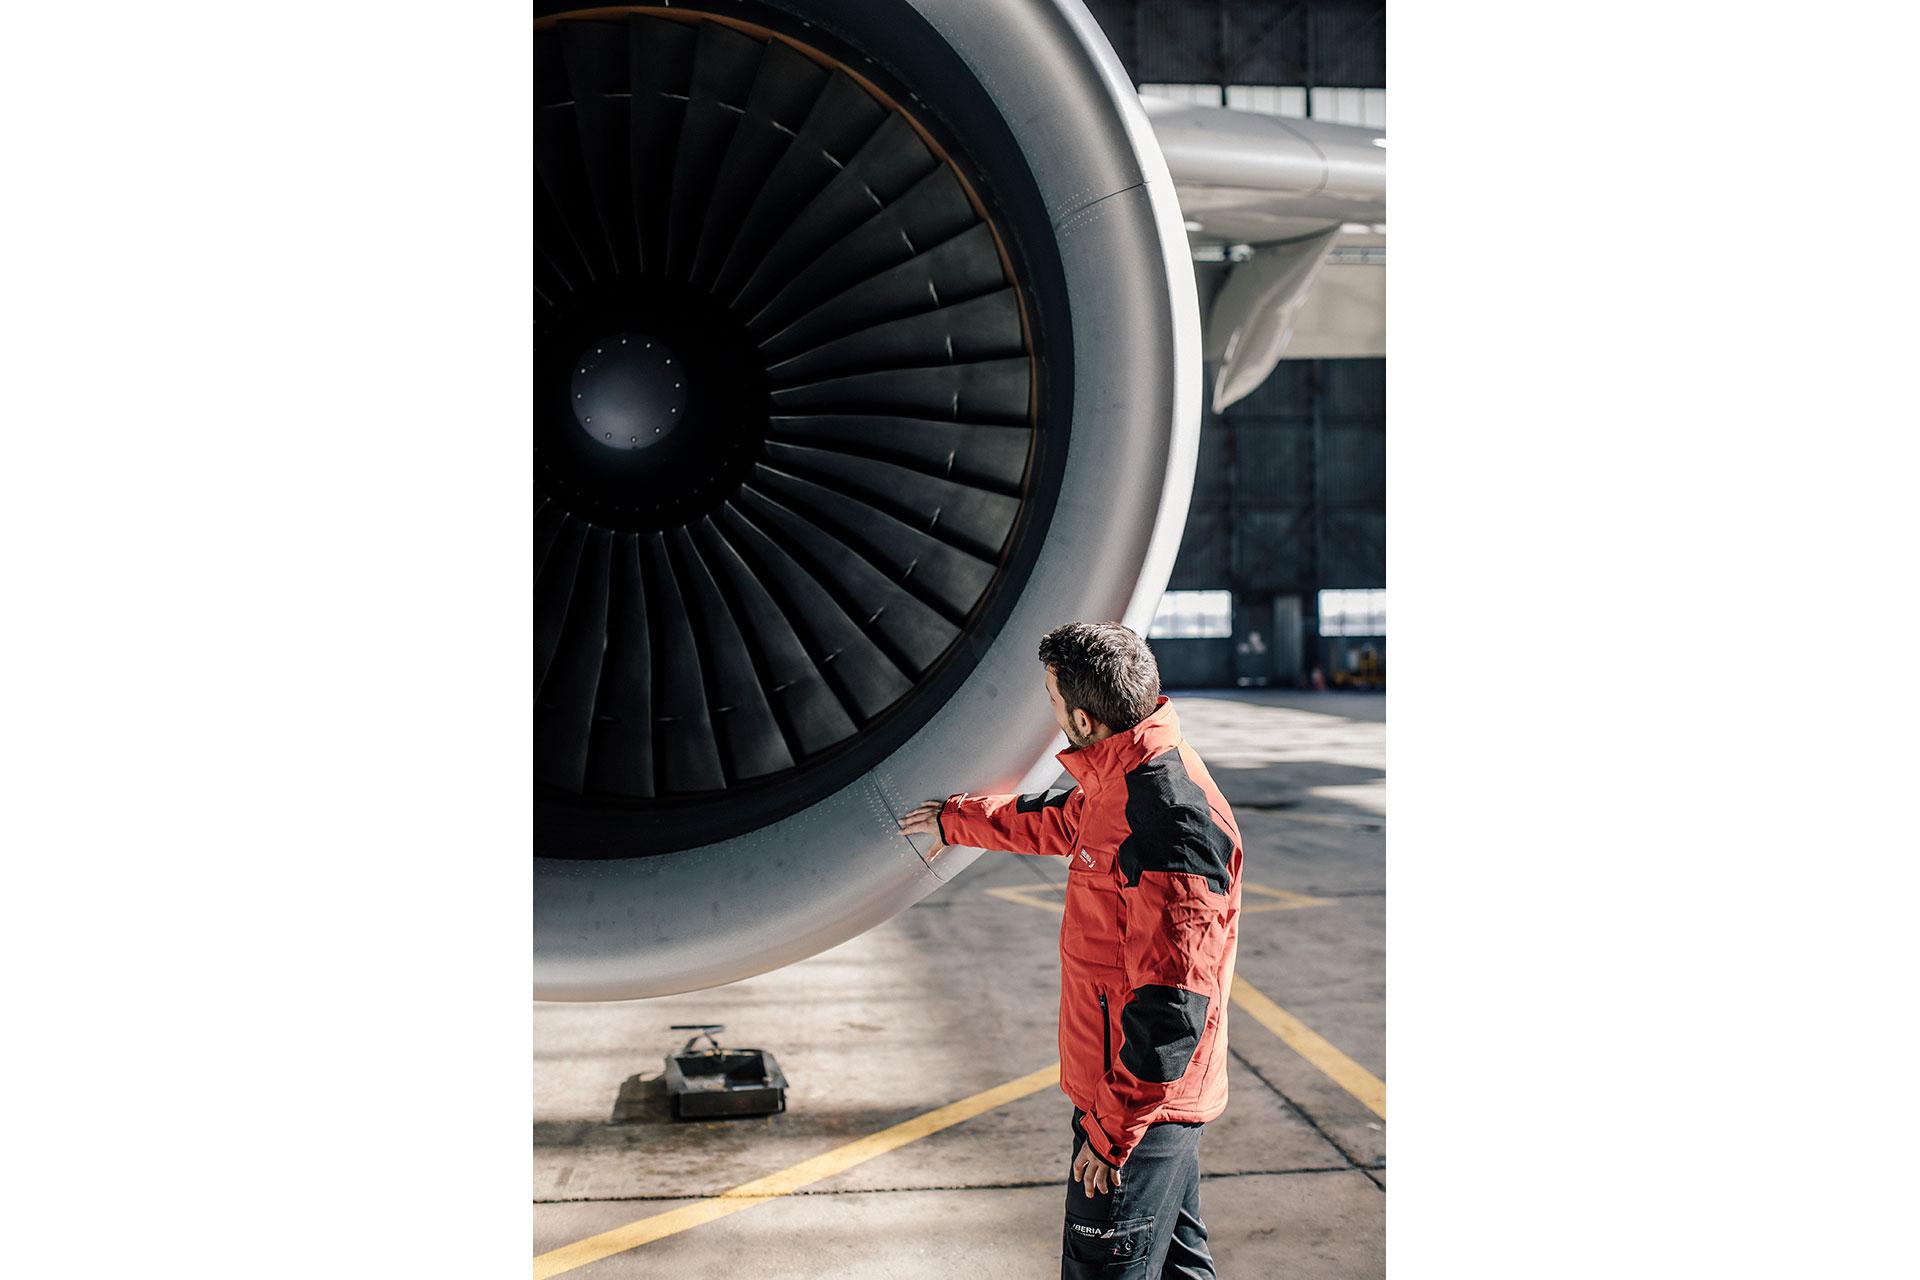 Industriefotograf Werbung Michael Müller Iberia People Fotoproduktion Frankfurt Flughafen